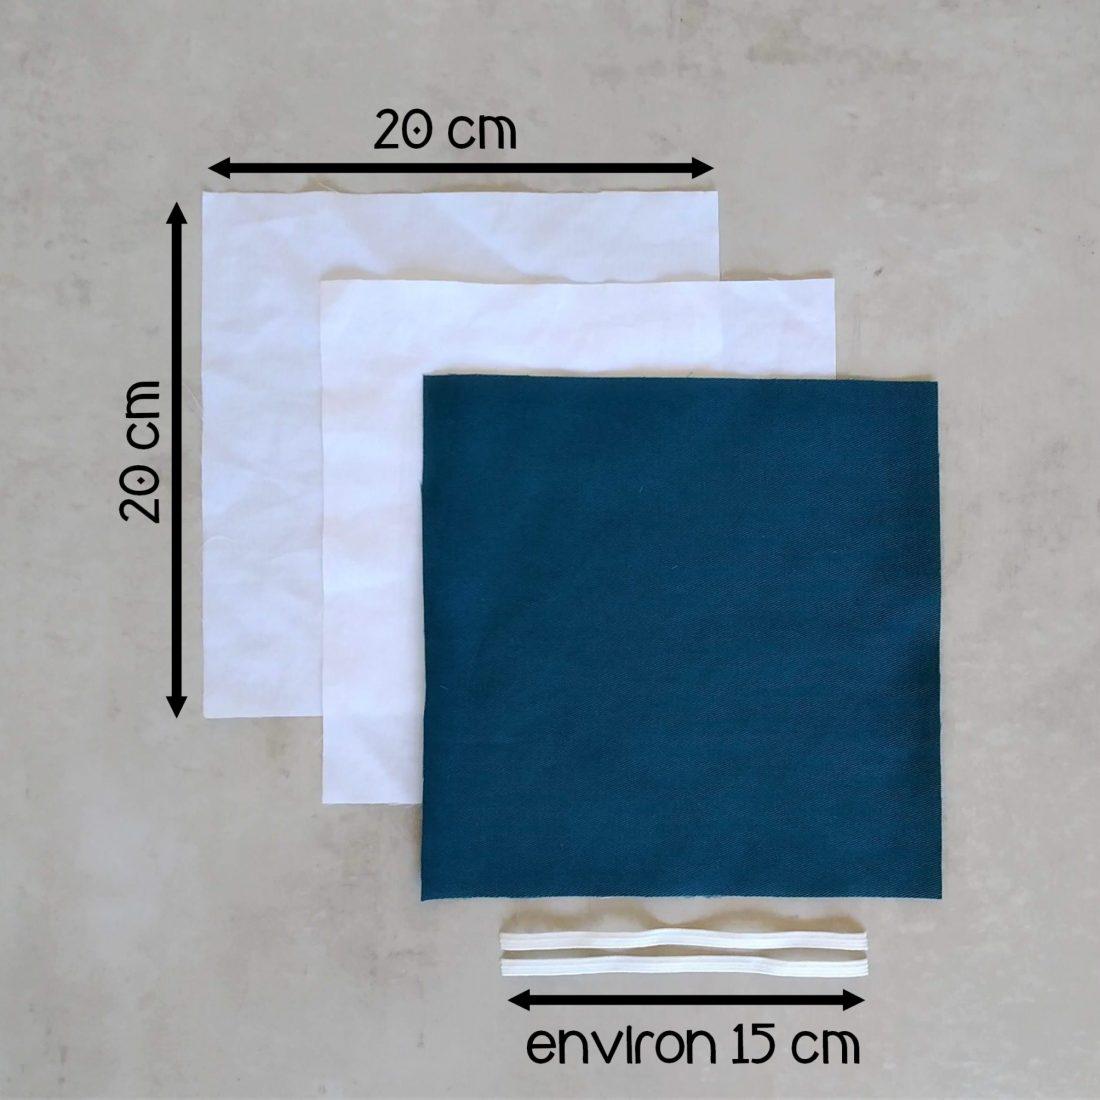 Pour réaliser votre masque barrière vous avez besoin de 3 tissus en 20 cm par 20 cm ainsi que 2 élastiques de 15 cm environ (pour accrocher le masque derrière les oreilles)